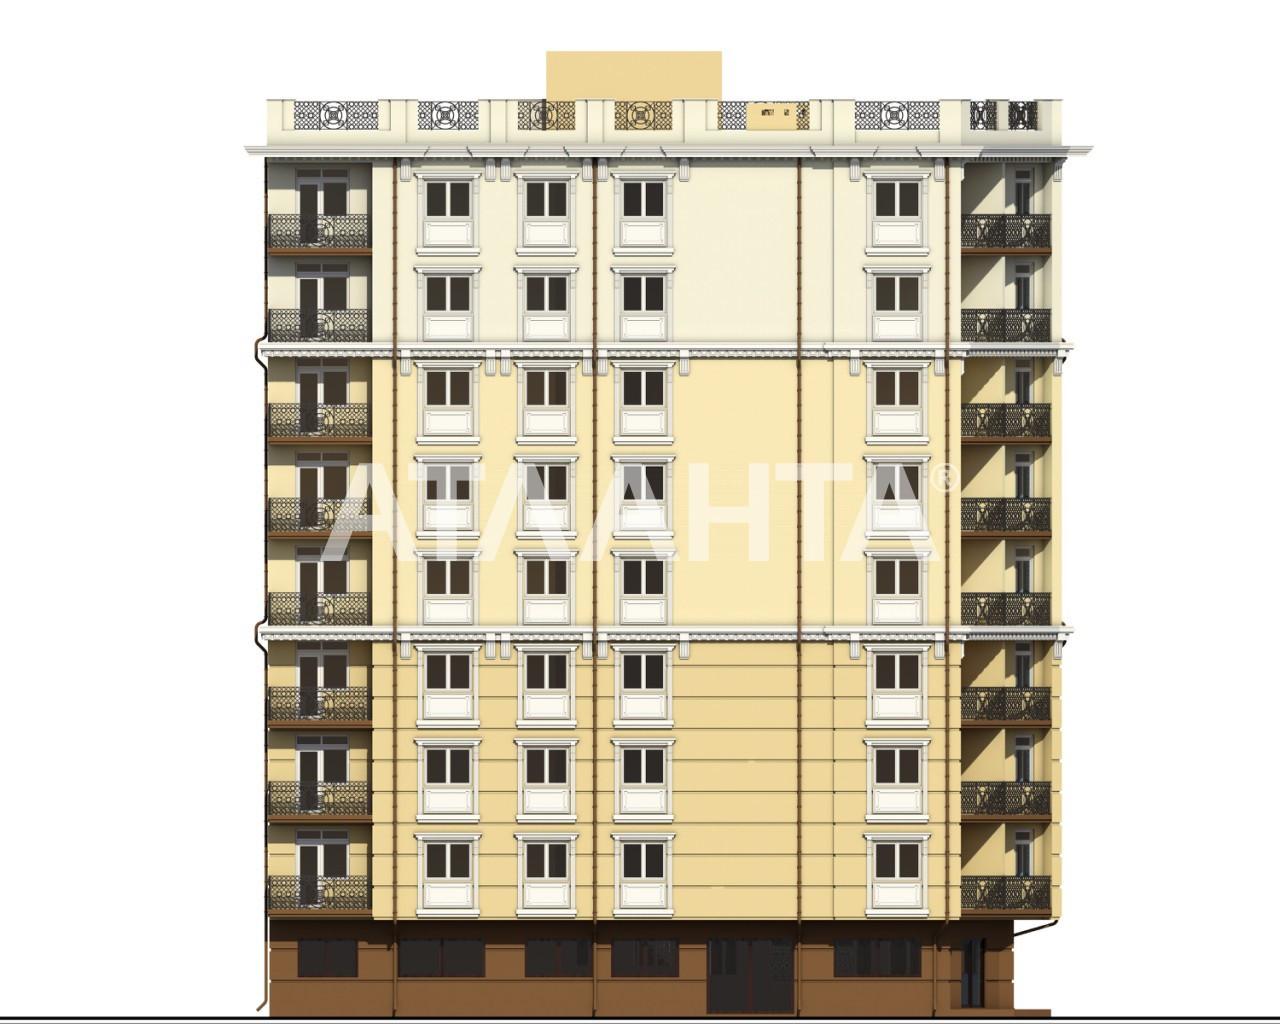 Продается 1-комнатная Квартира на ул. Новосельского (Островидова) — 59 070 у.е. (фото №3)